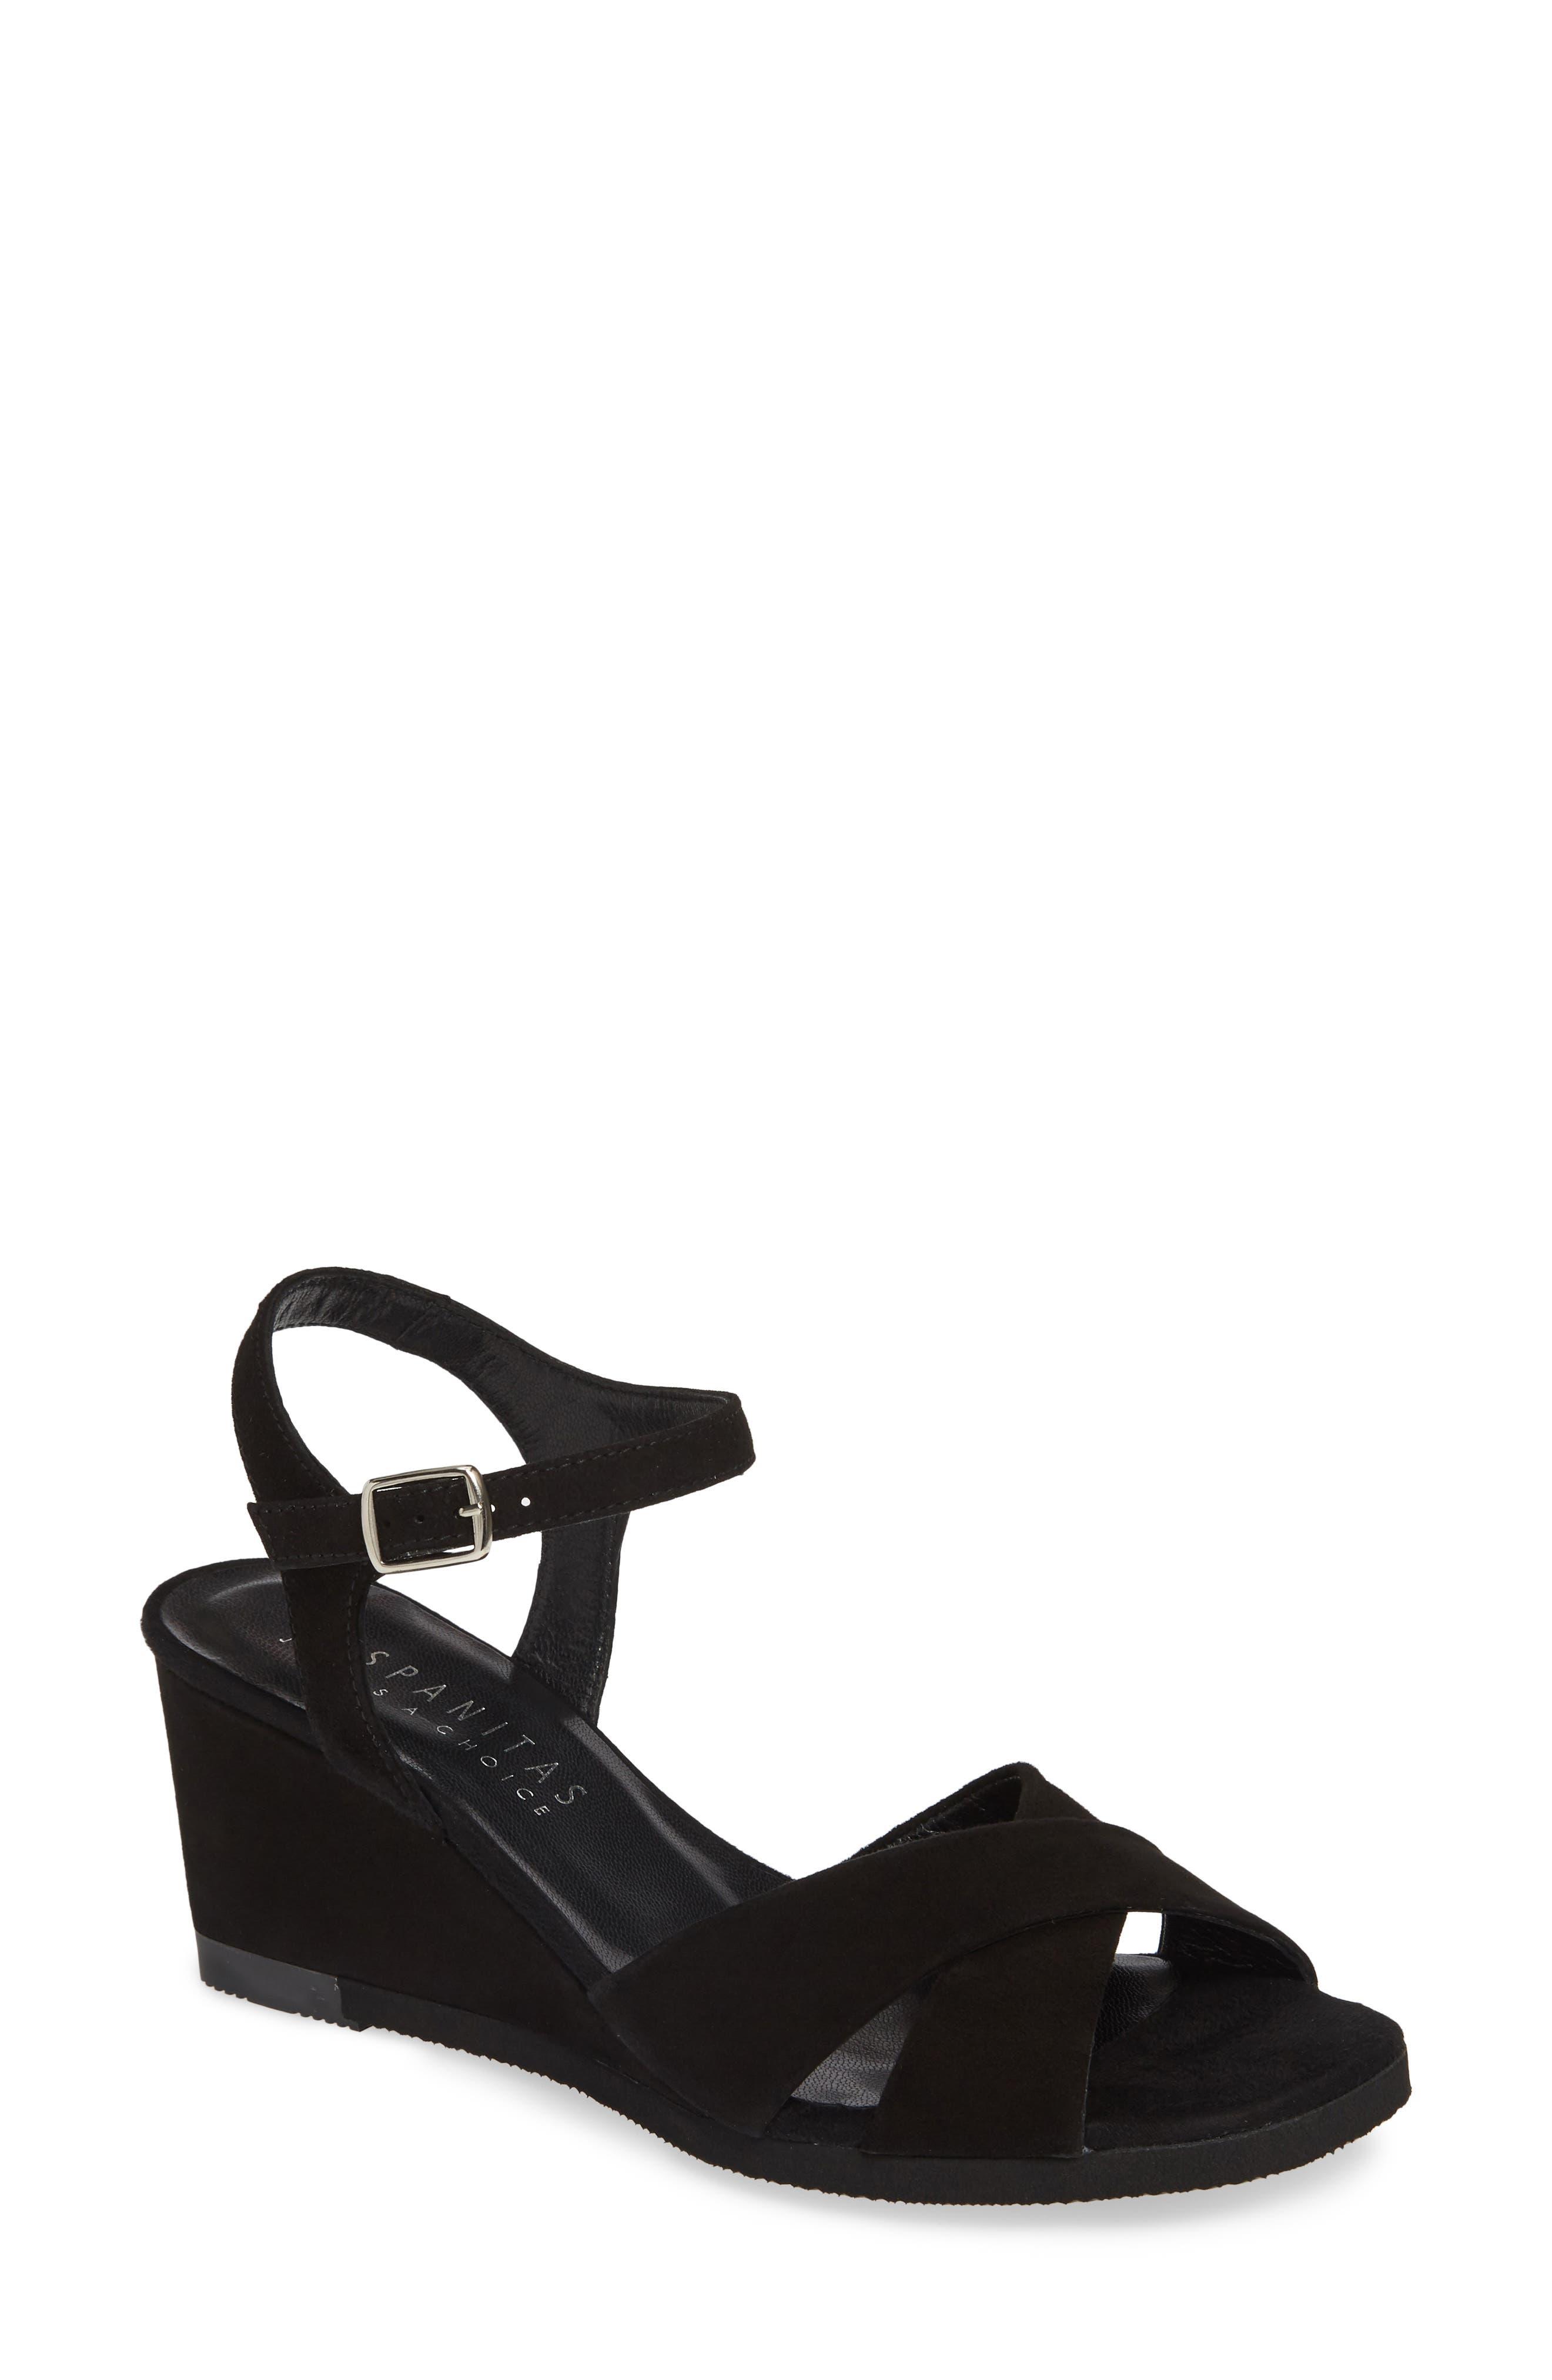 Hispanitas Codie Wedge Sandal - Black